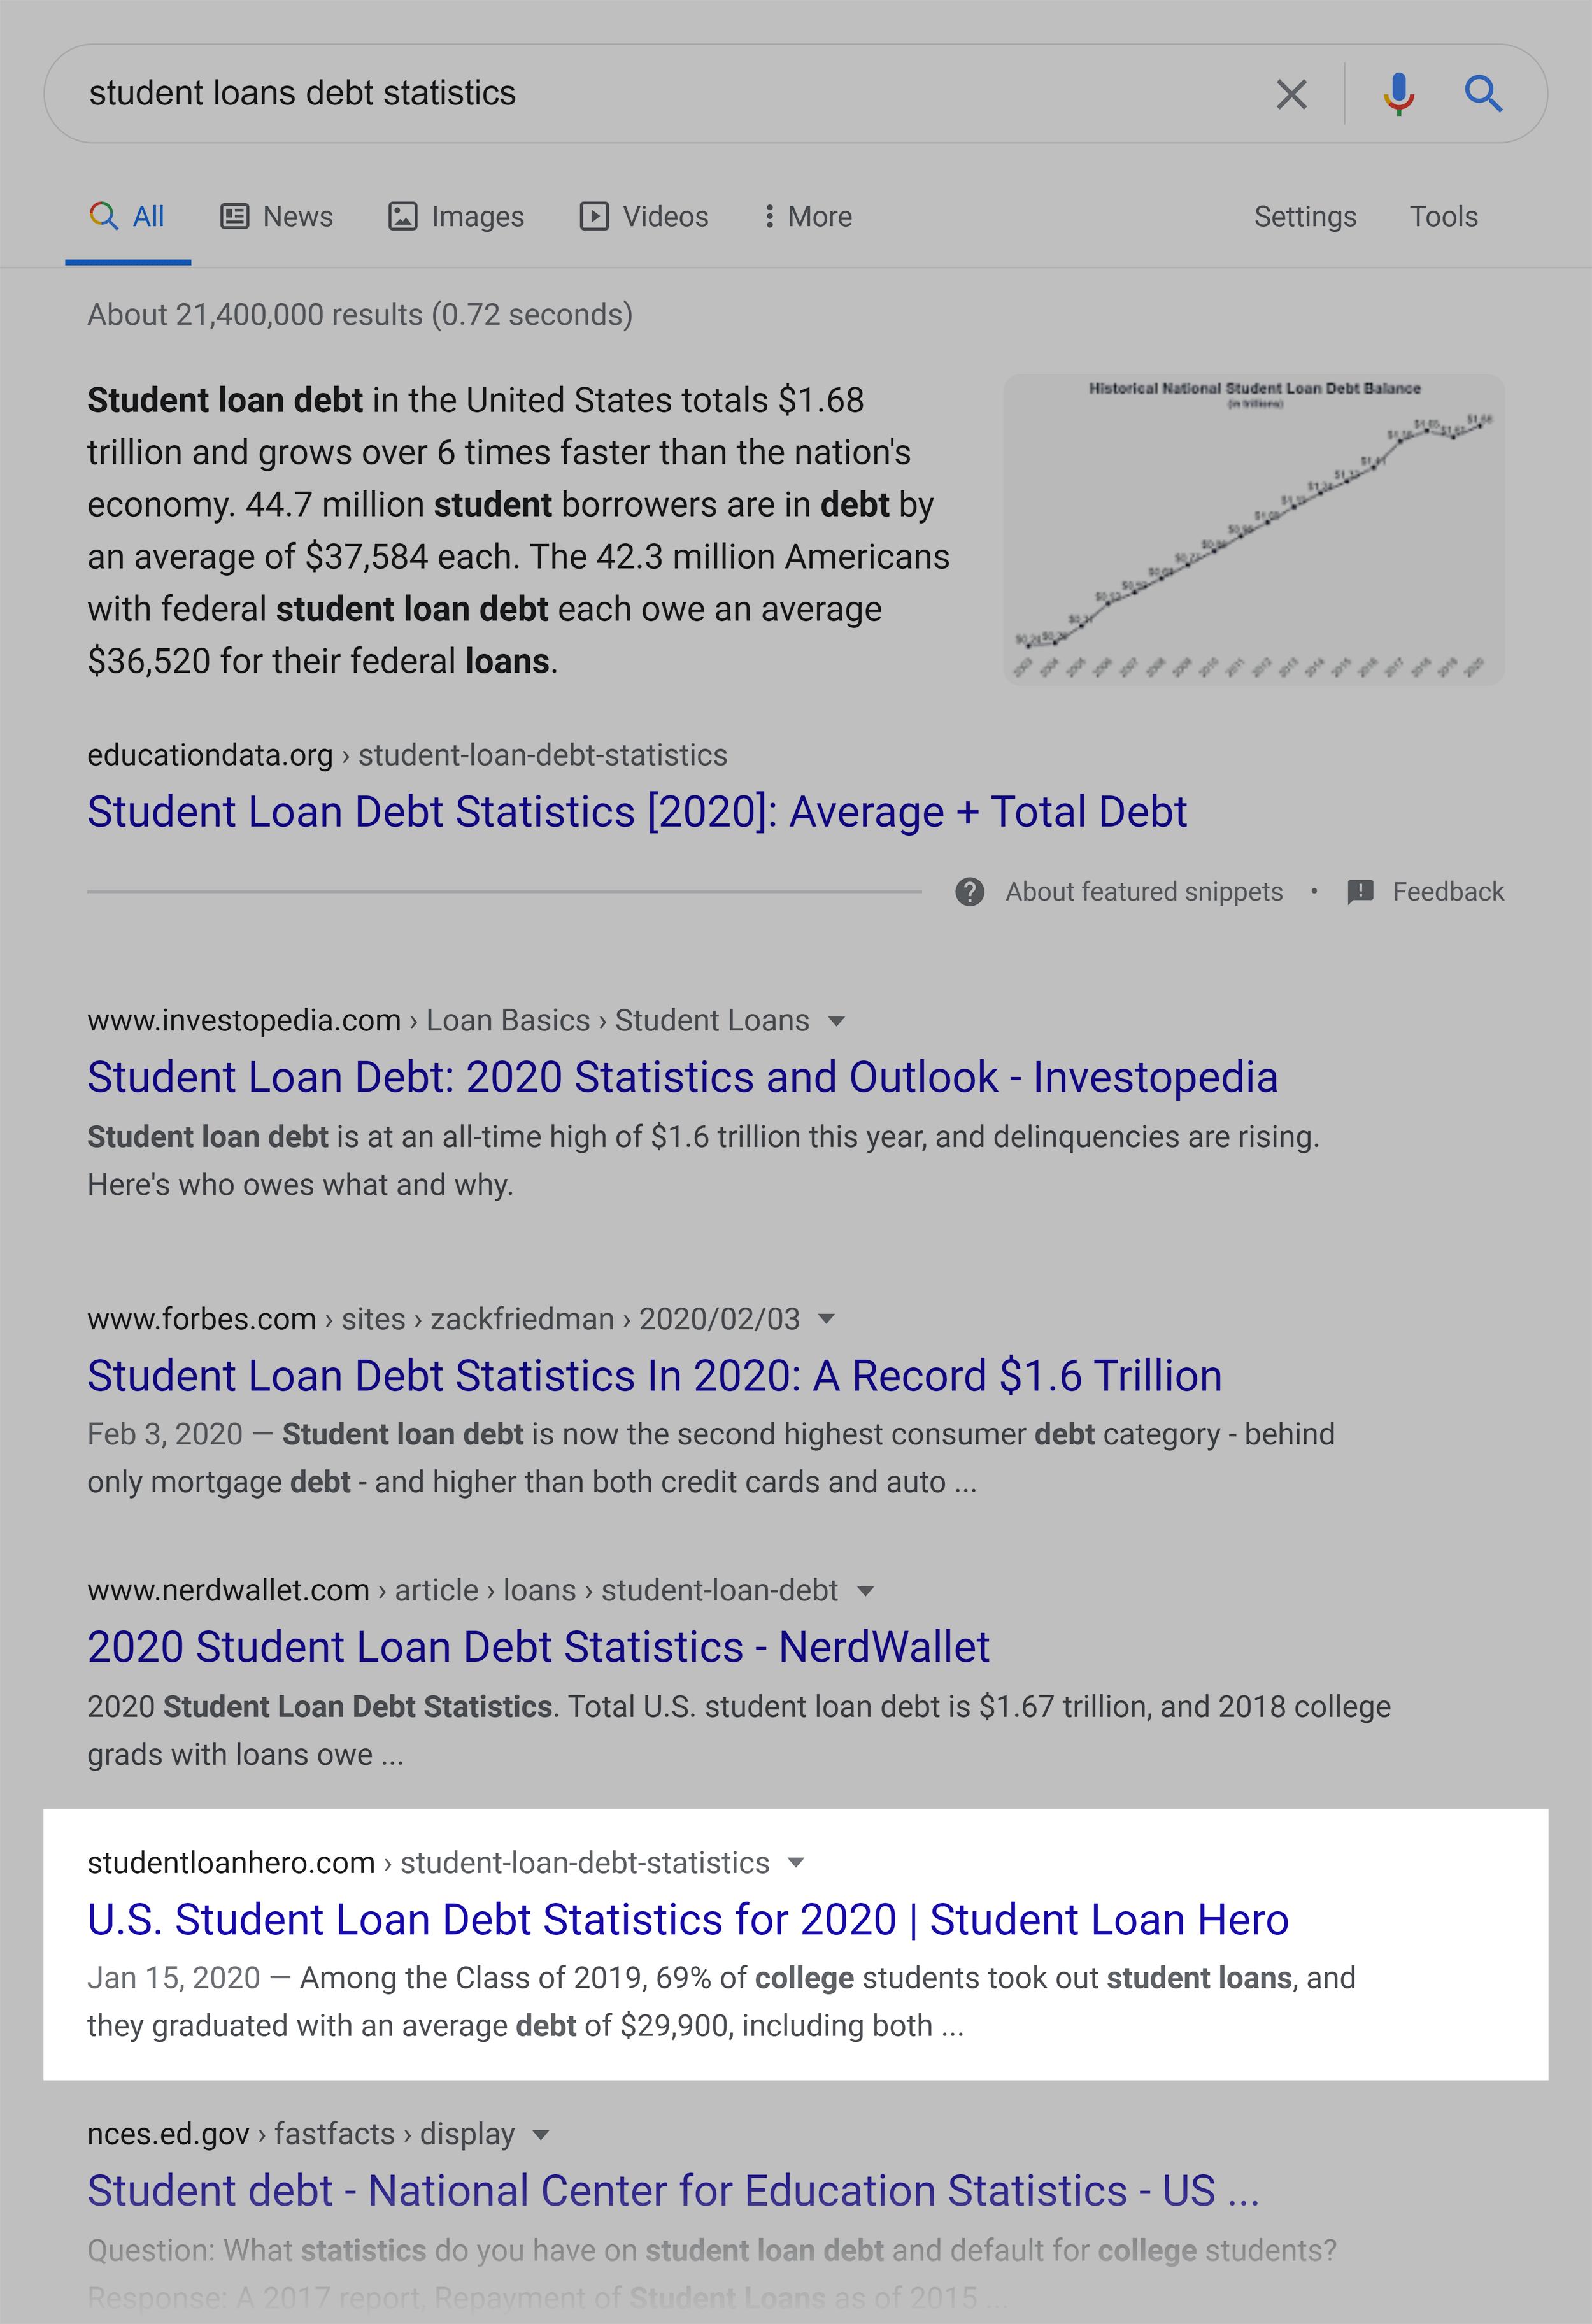 Google SERP – Student loans debt statistics